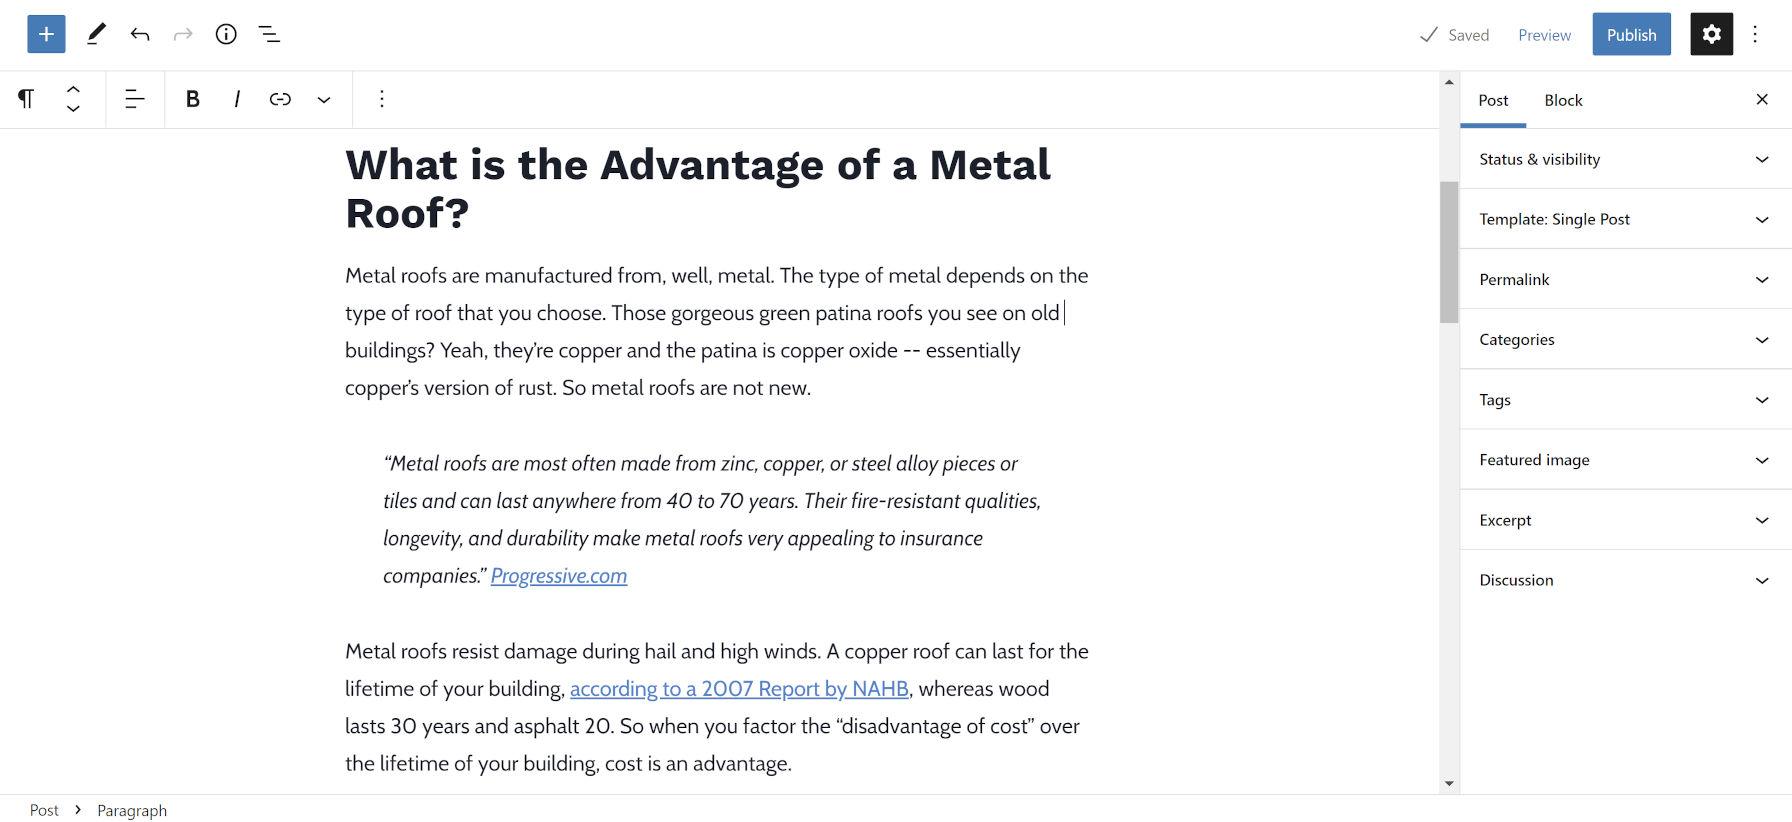 Aperçu de l'éditeur de blocs d'un article de blog sur les toitures métalliques dans le cadre du pack de contenu de toiture Launch With Words.